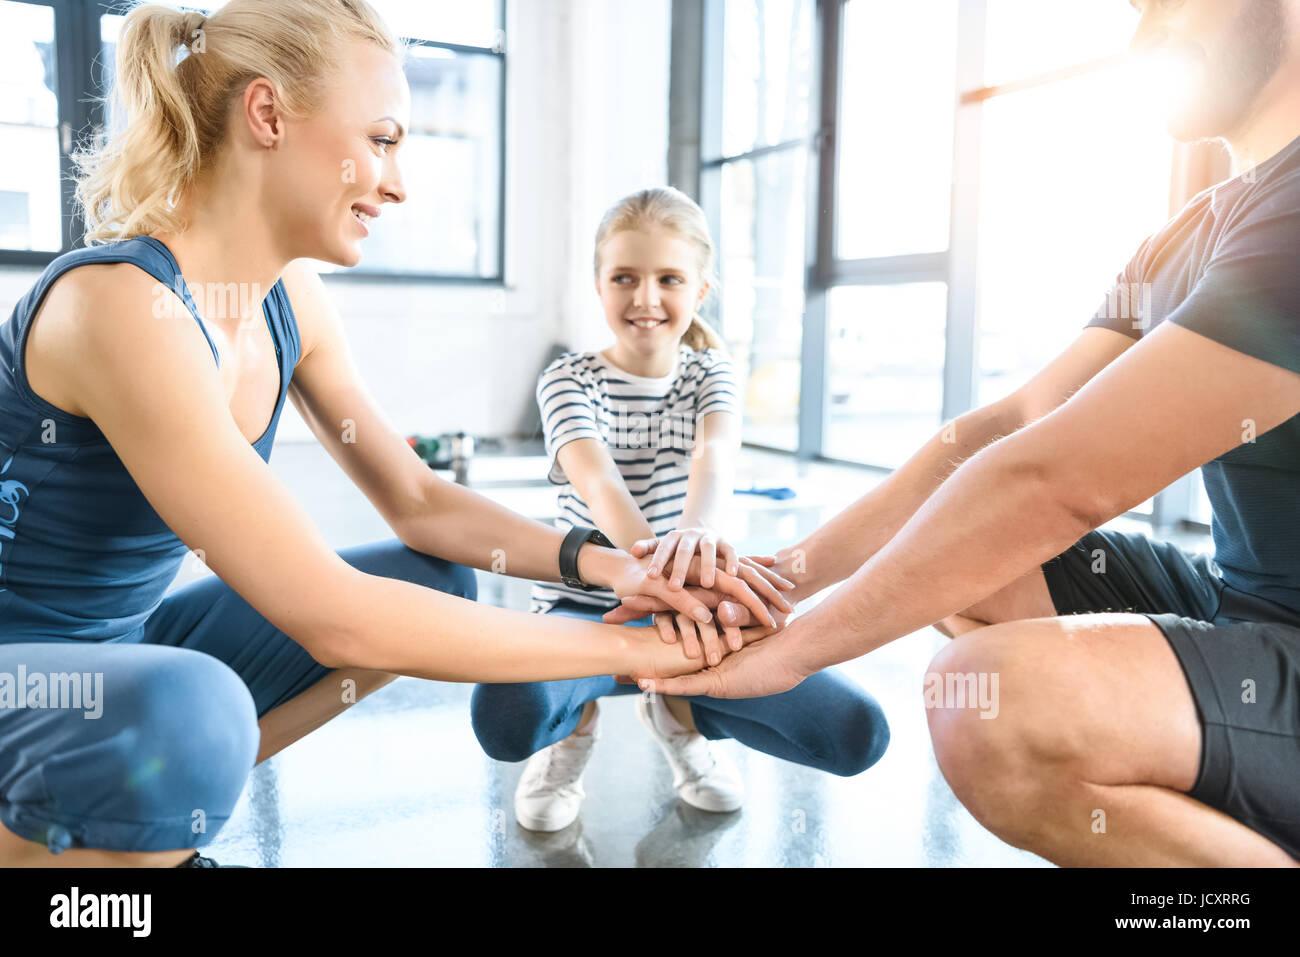 Las manos de la familia junto al gimnasio Imagen De Stock